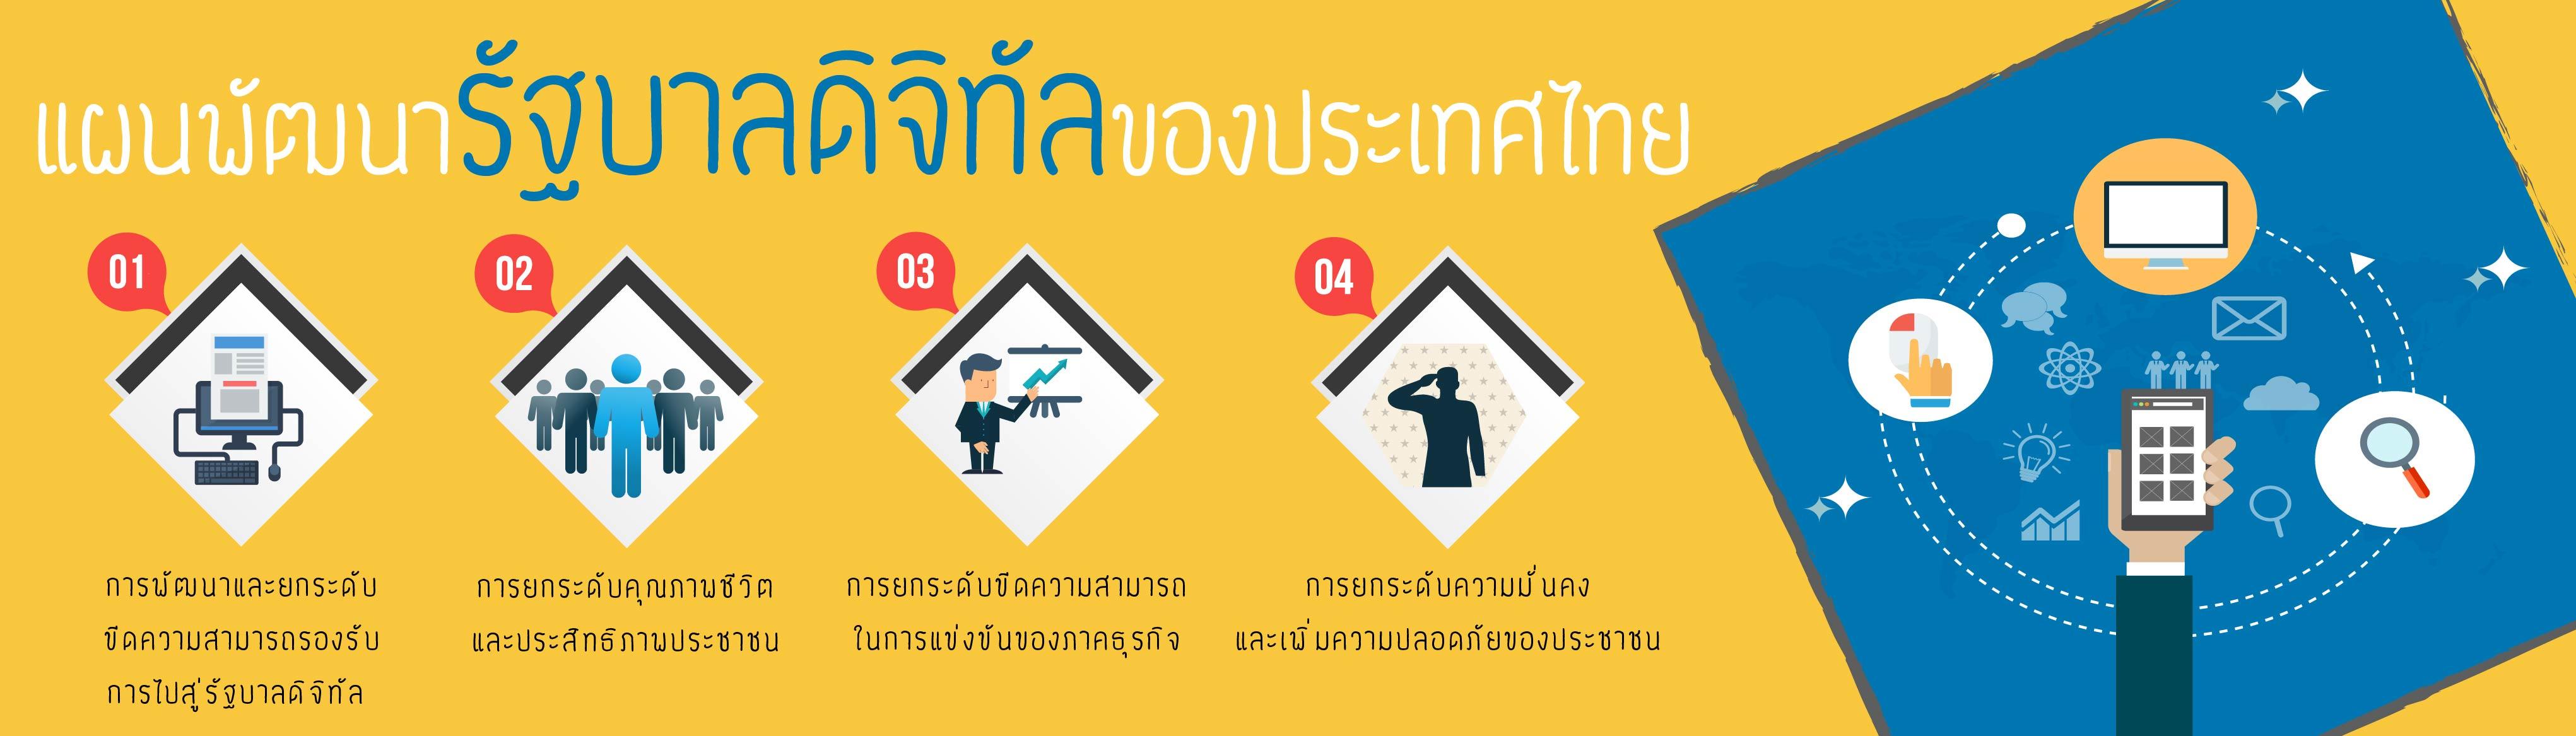 แผนพัฒนารัฐบาลดิจิทัลของประเทศไทย